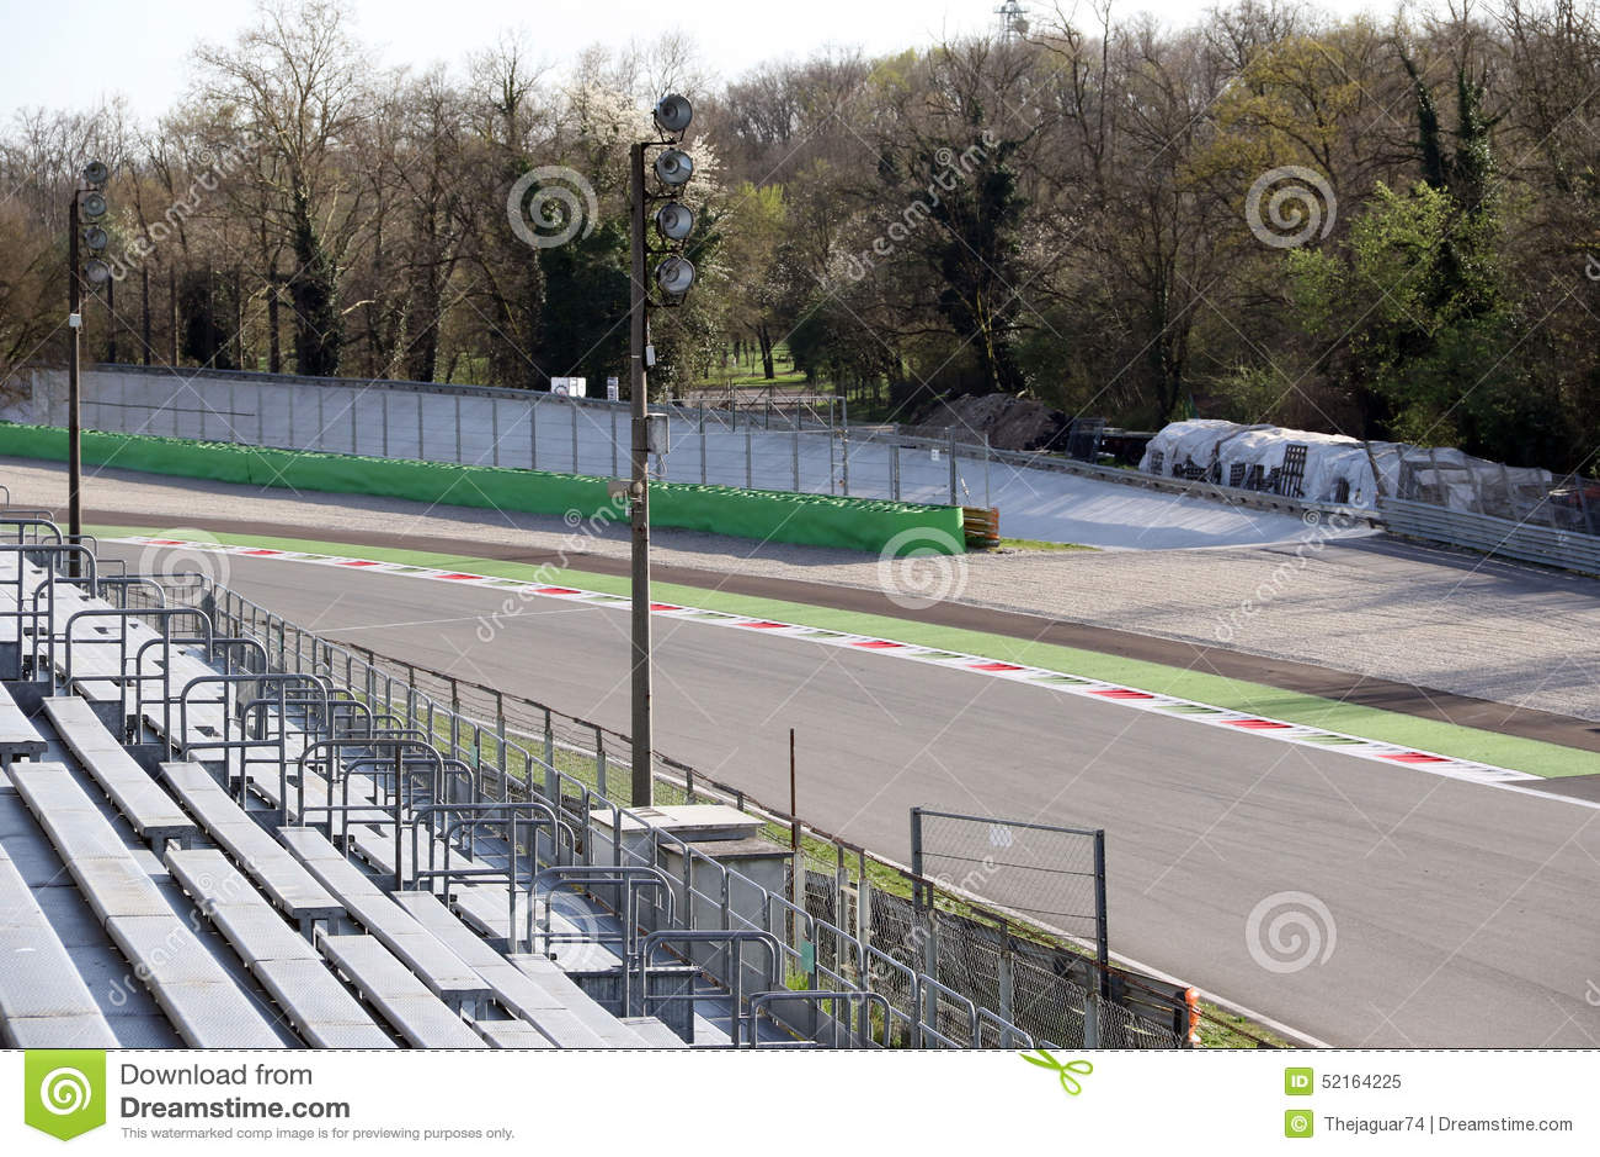 Circuito Monza : El circuito de monza del gp de italia de f formula monza f